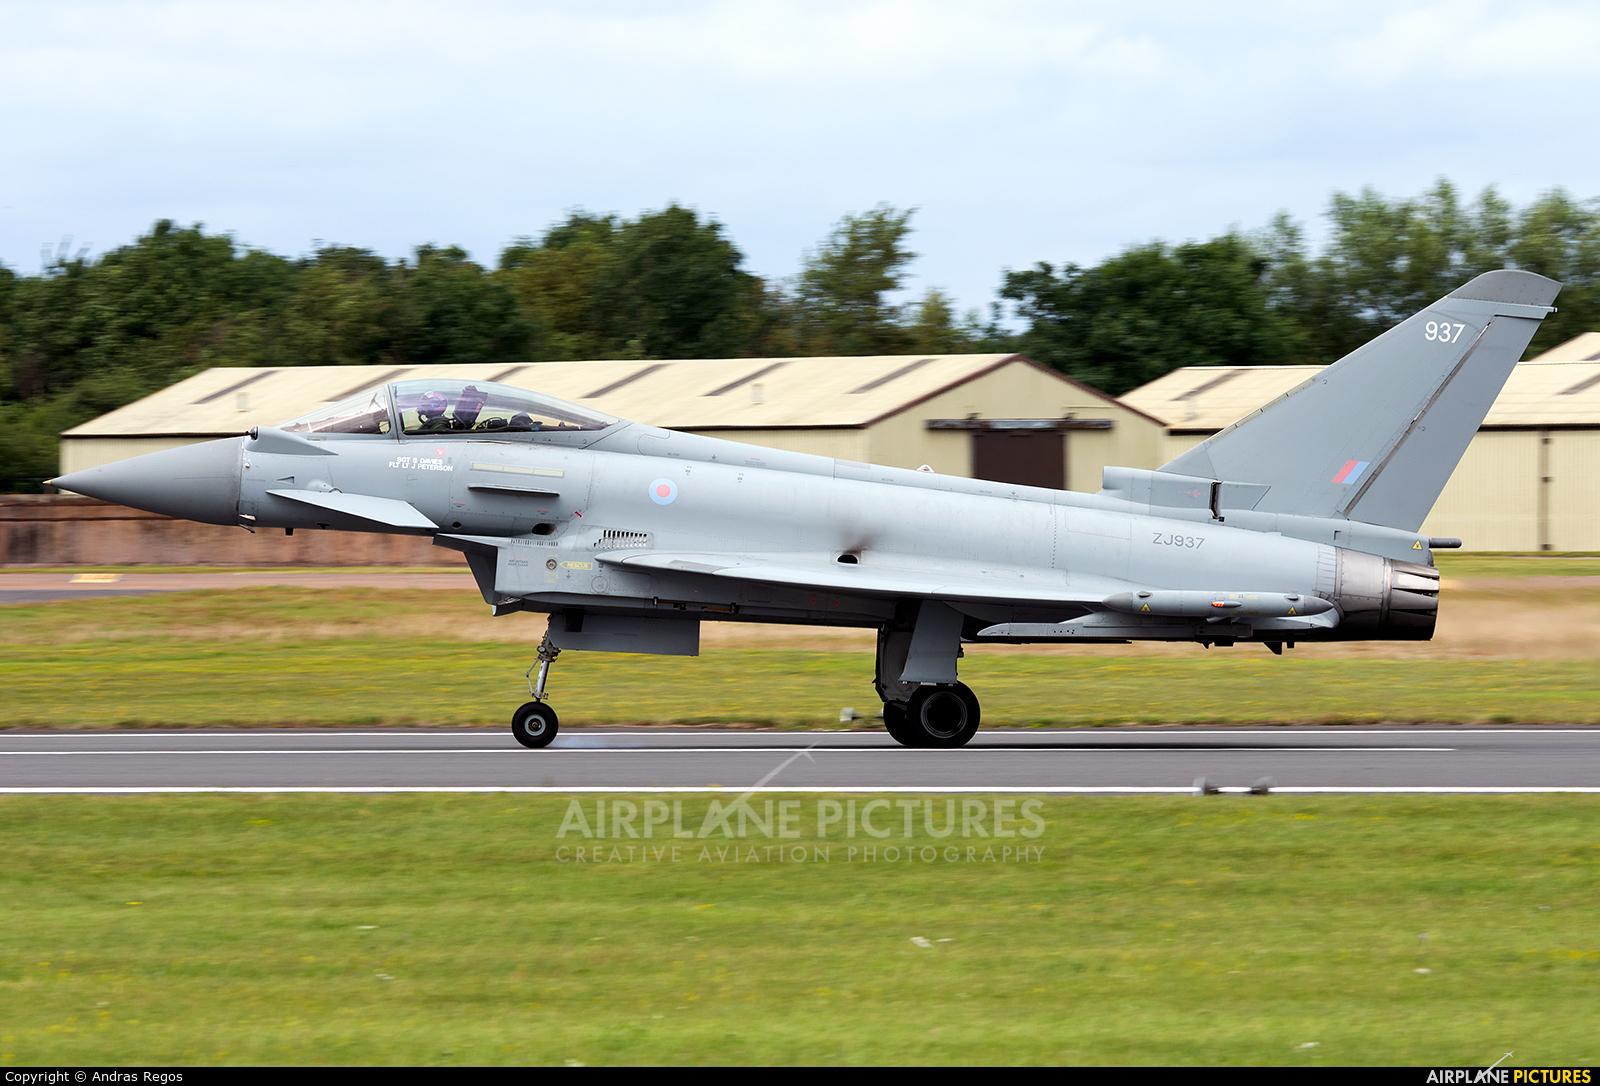 Royal Air Force ZJ937 aircraft at Fairford